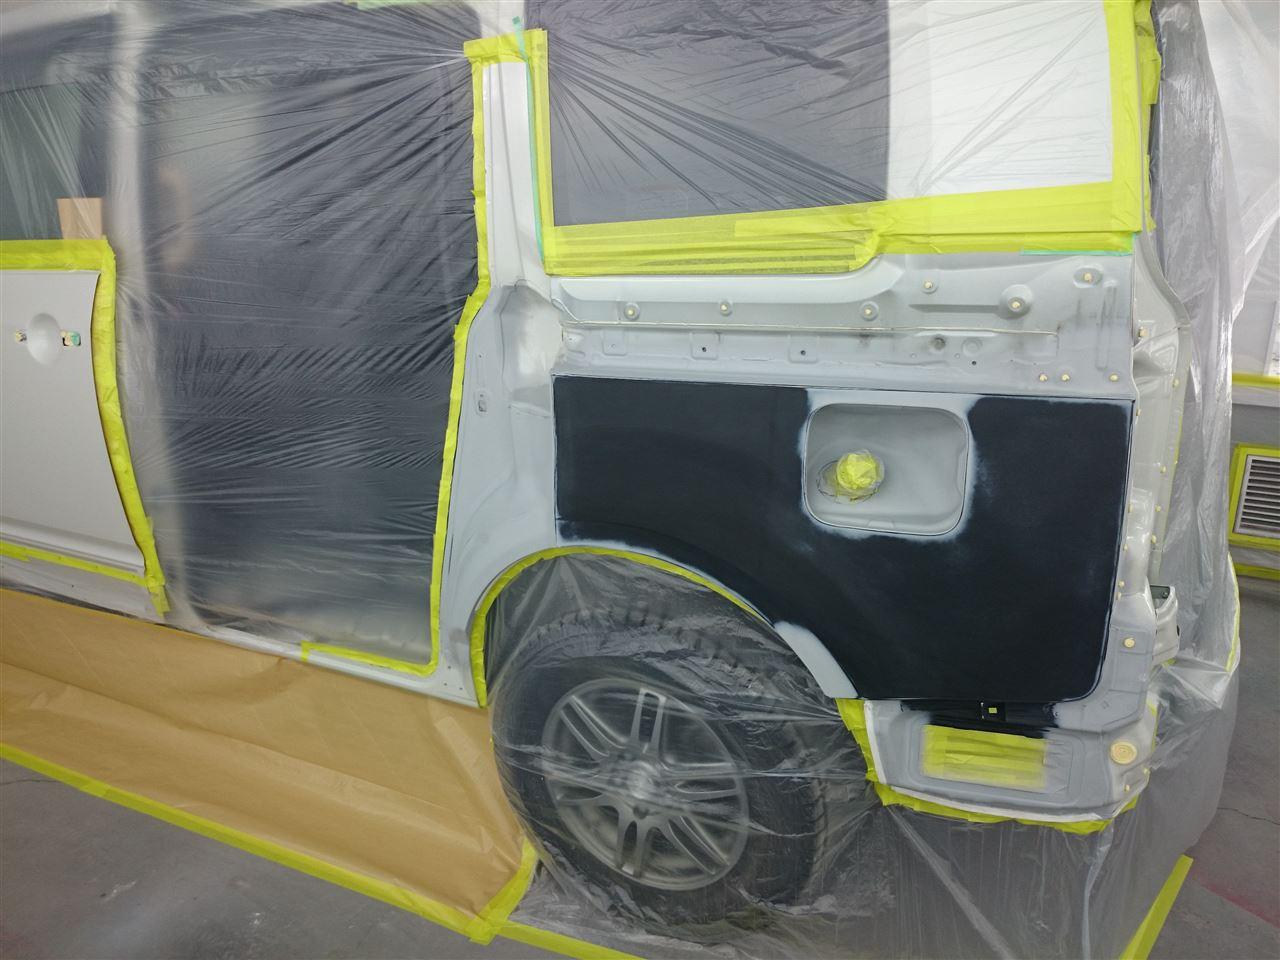 東京都立川市の車の板金塗装修理工場 ガレージローライドの三菱 デリカの左側面のキズ へこみ の板金 修理 塗装 です。